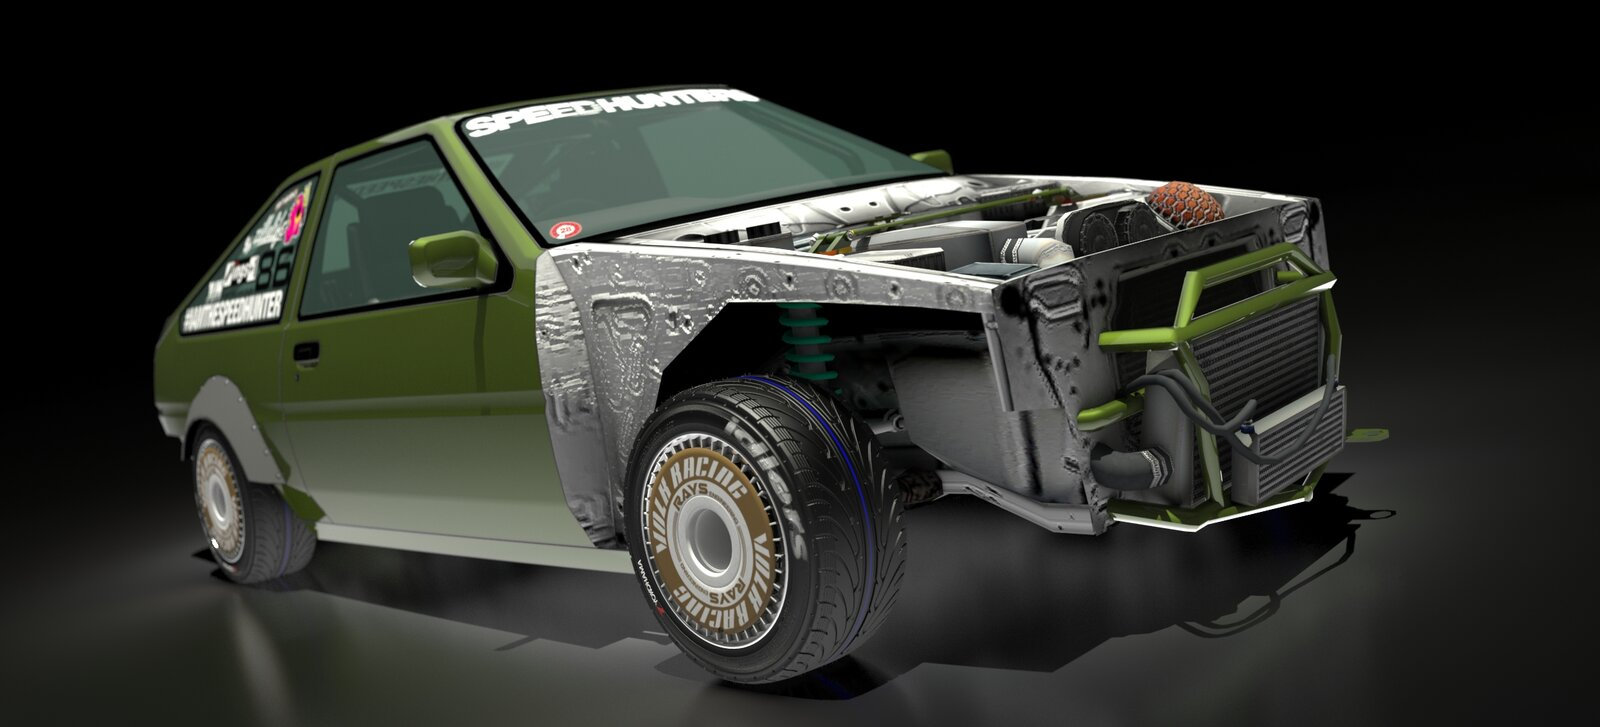 Volk Turbine AE86